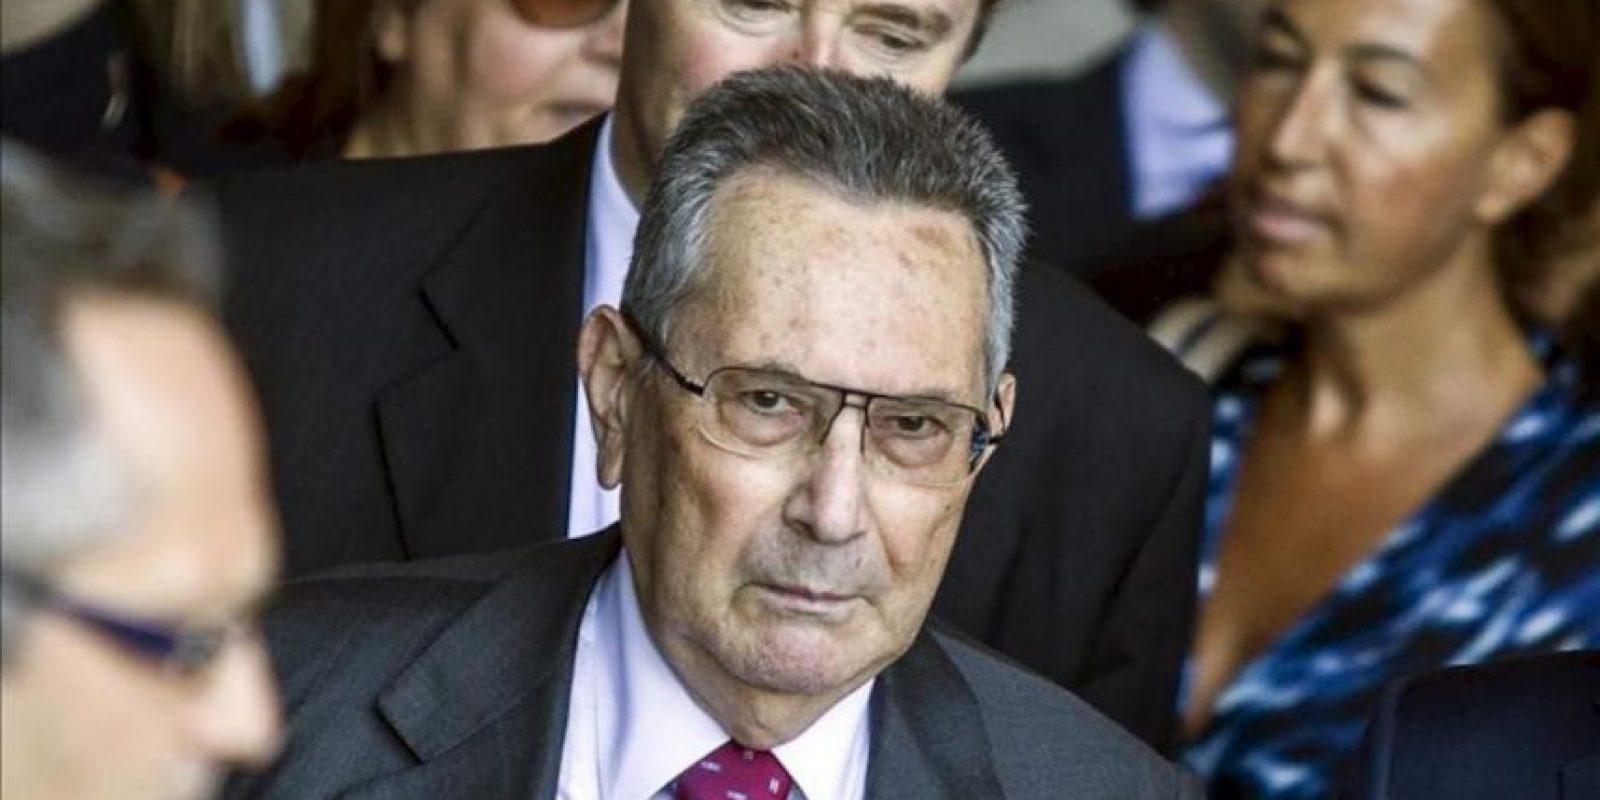 Franco Coppi (c) abogado del ex primer ministro italiano Silvio Berlusconi, a su salida de la corte durante un receso en la sesión del Tribunal Supremo. EFE